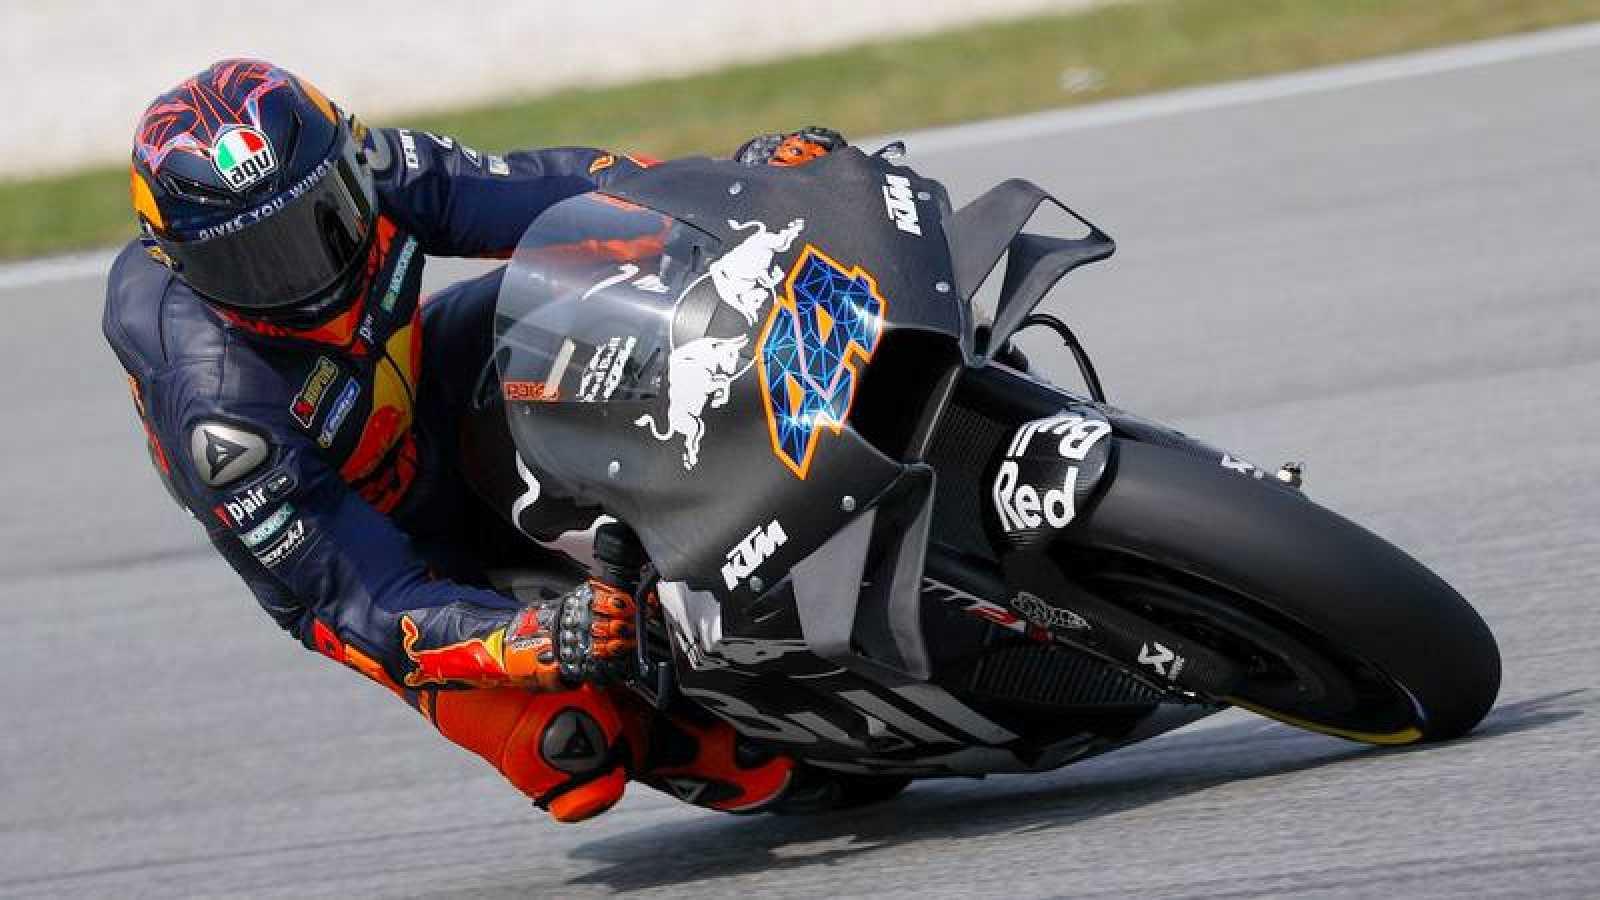 Pol Espargaró no correrá en KTM la próxima temporada.